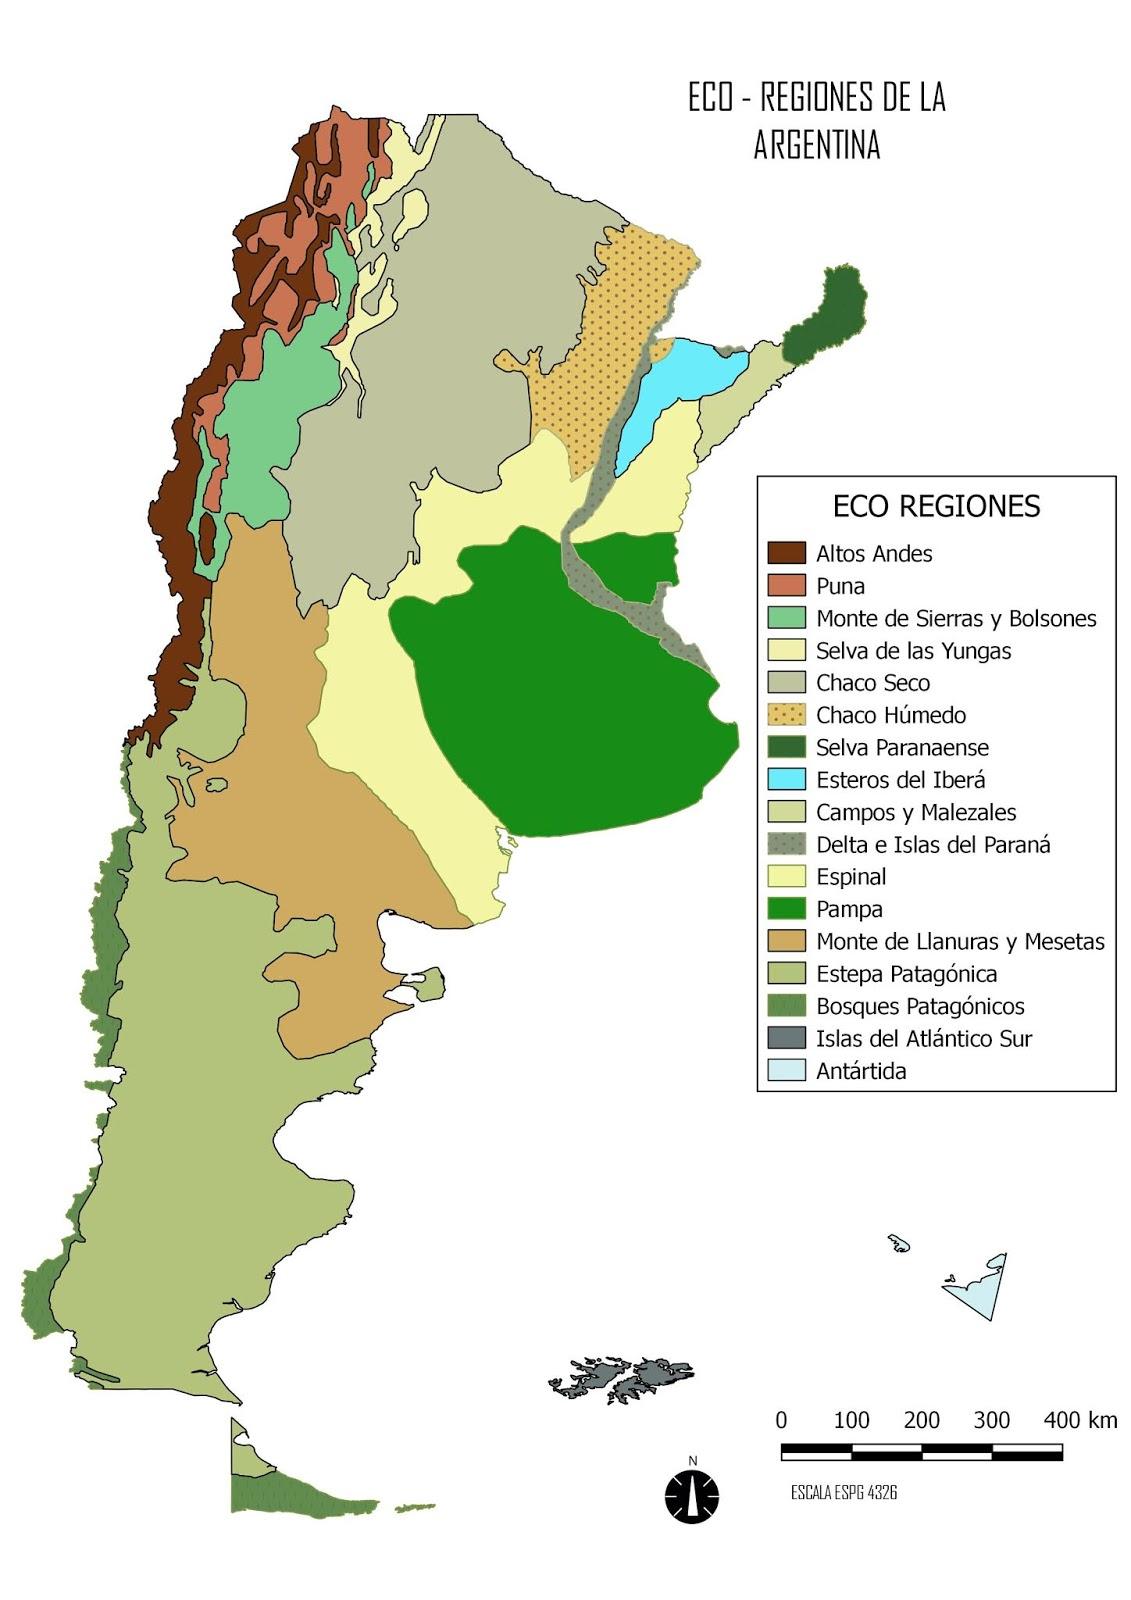 Politicas Publicas Eco Regiones Argentinas